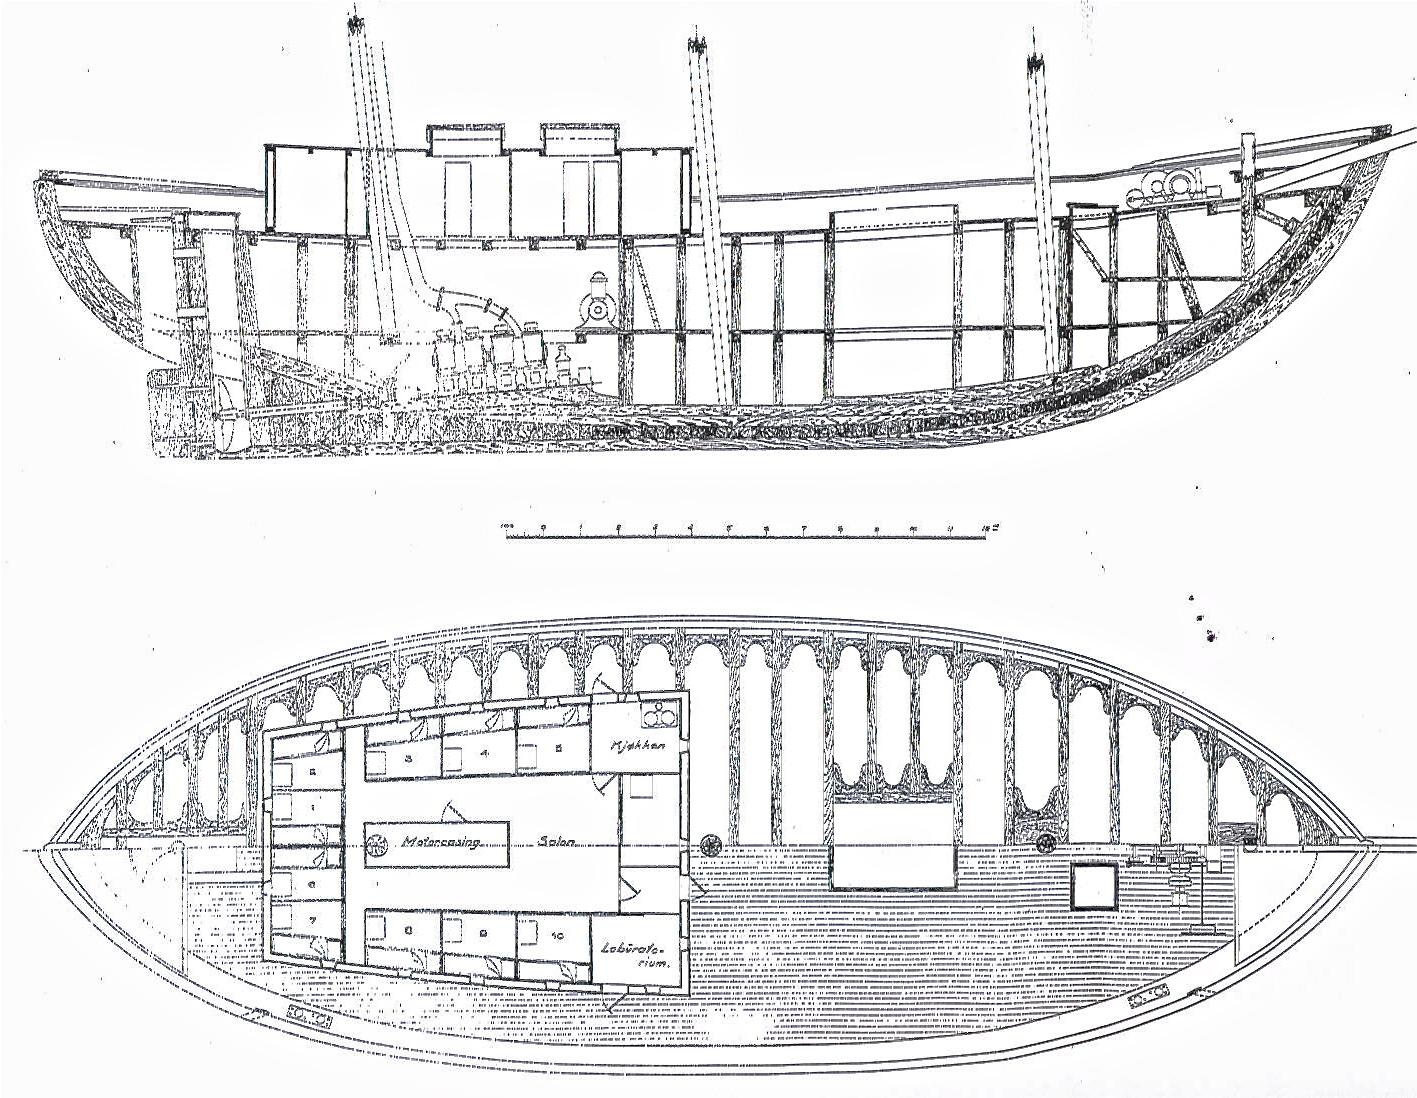 Plantegning - polarship Maud